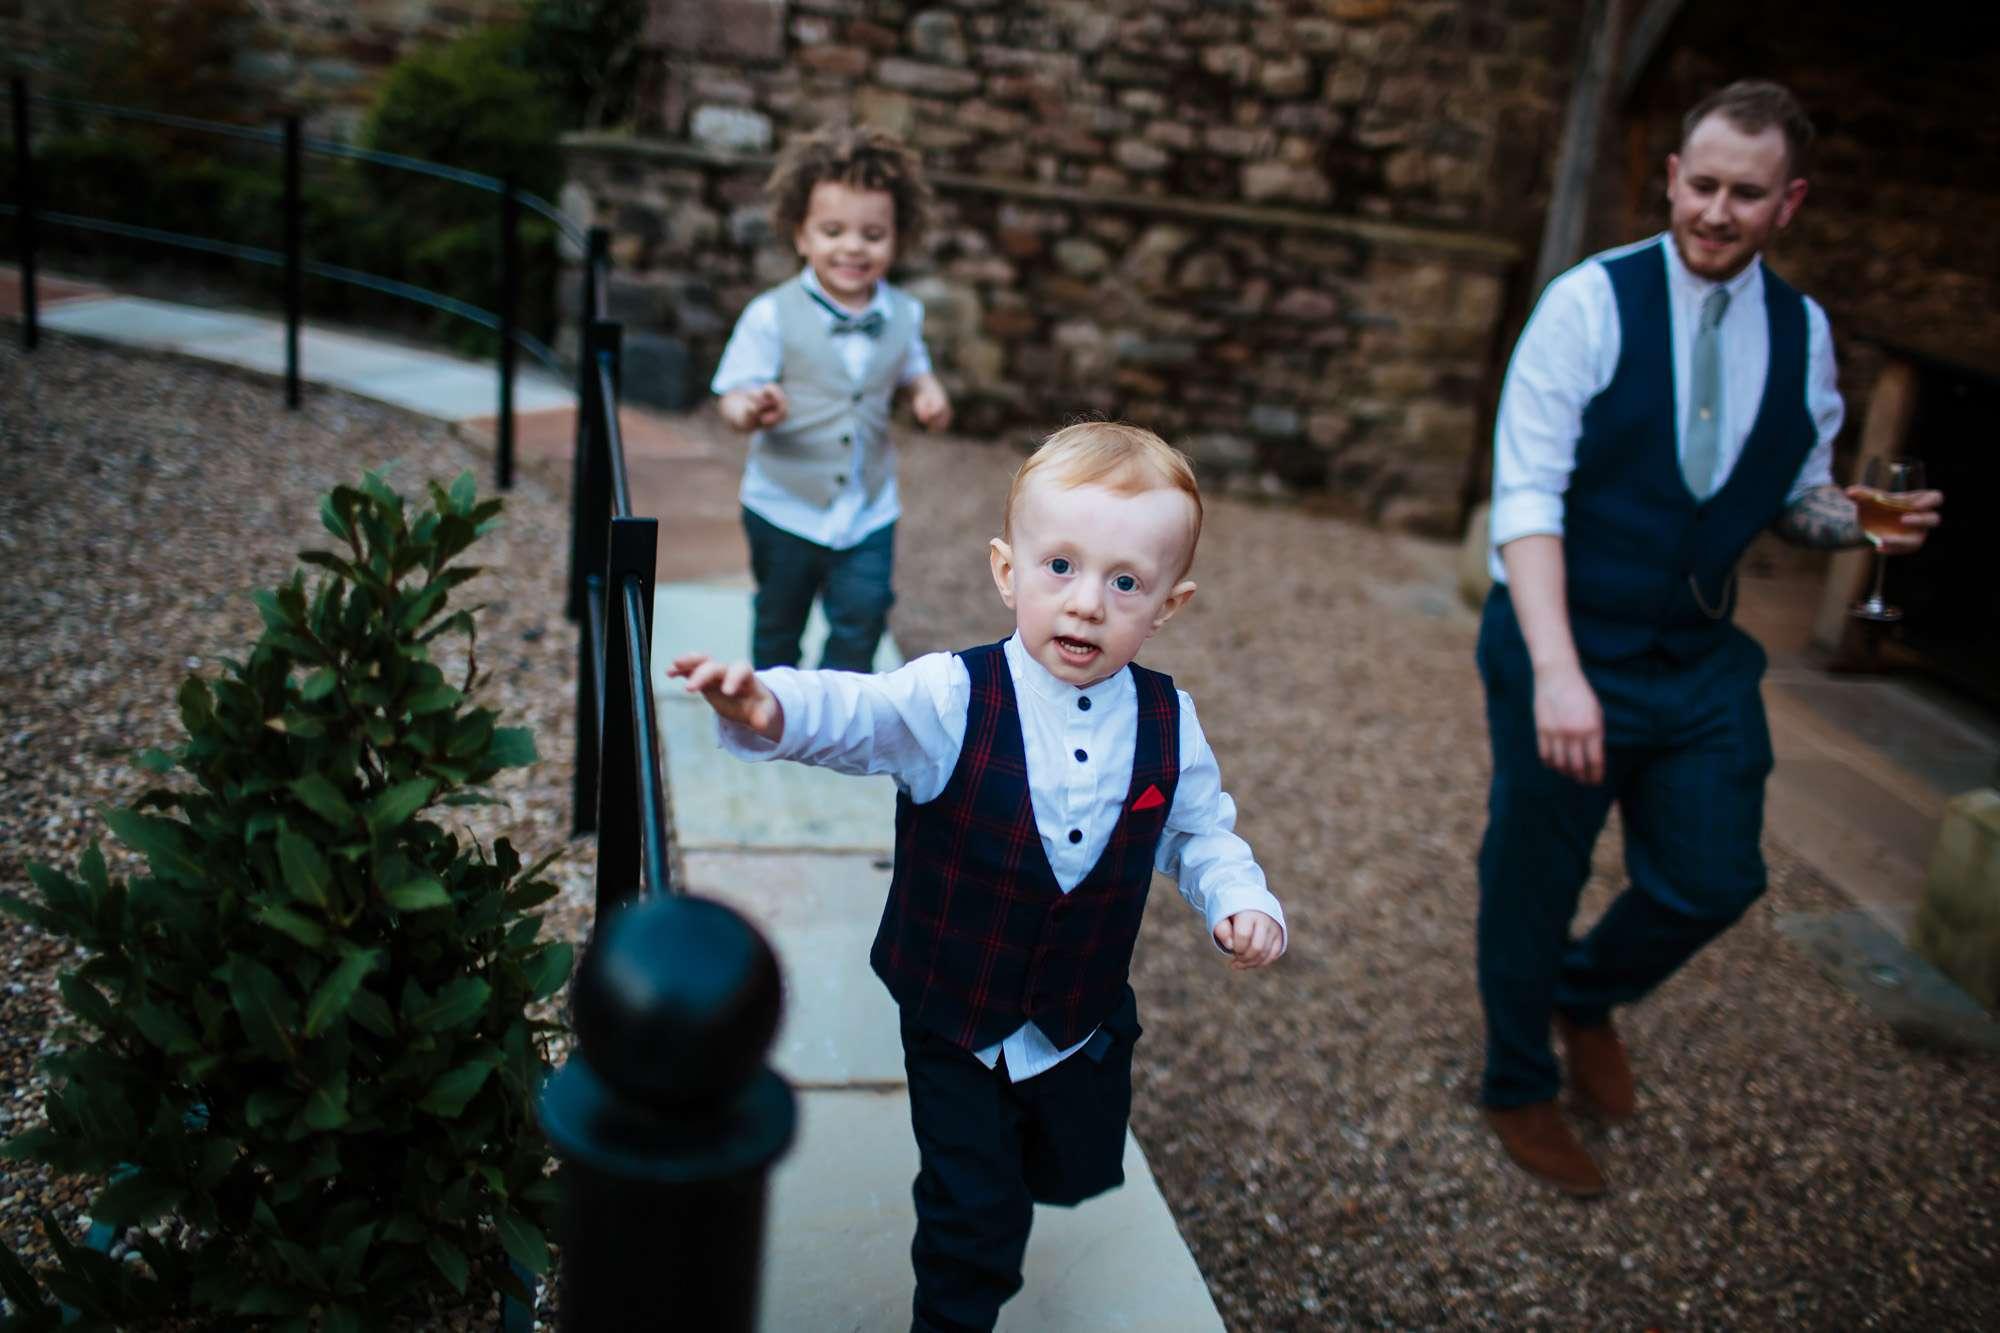 Toddlers having fun at a Lancashire wedding